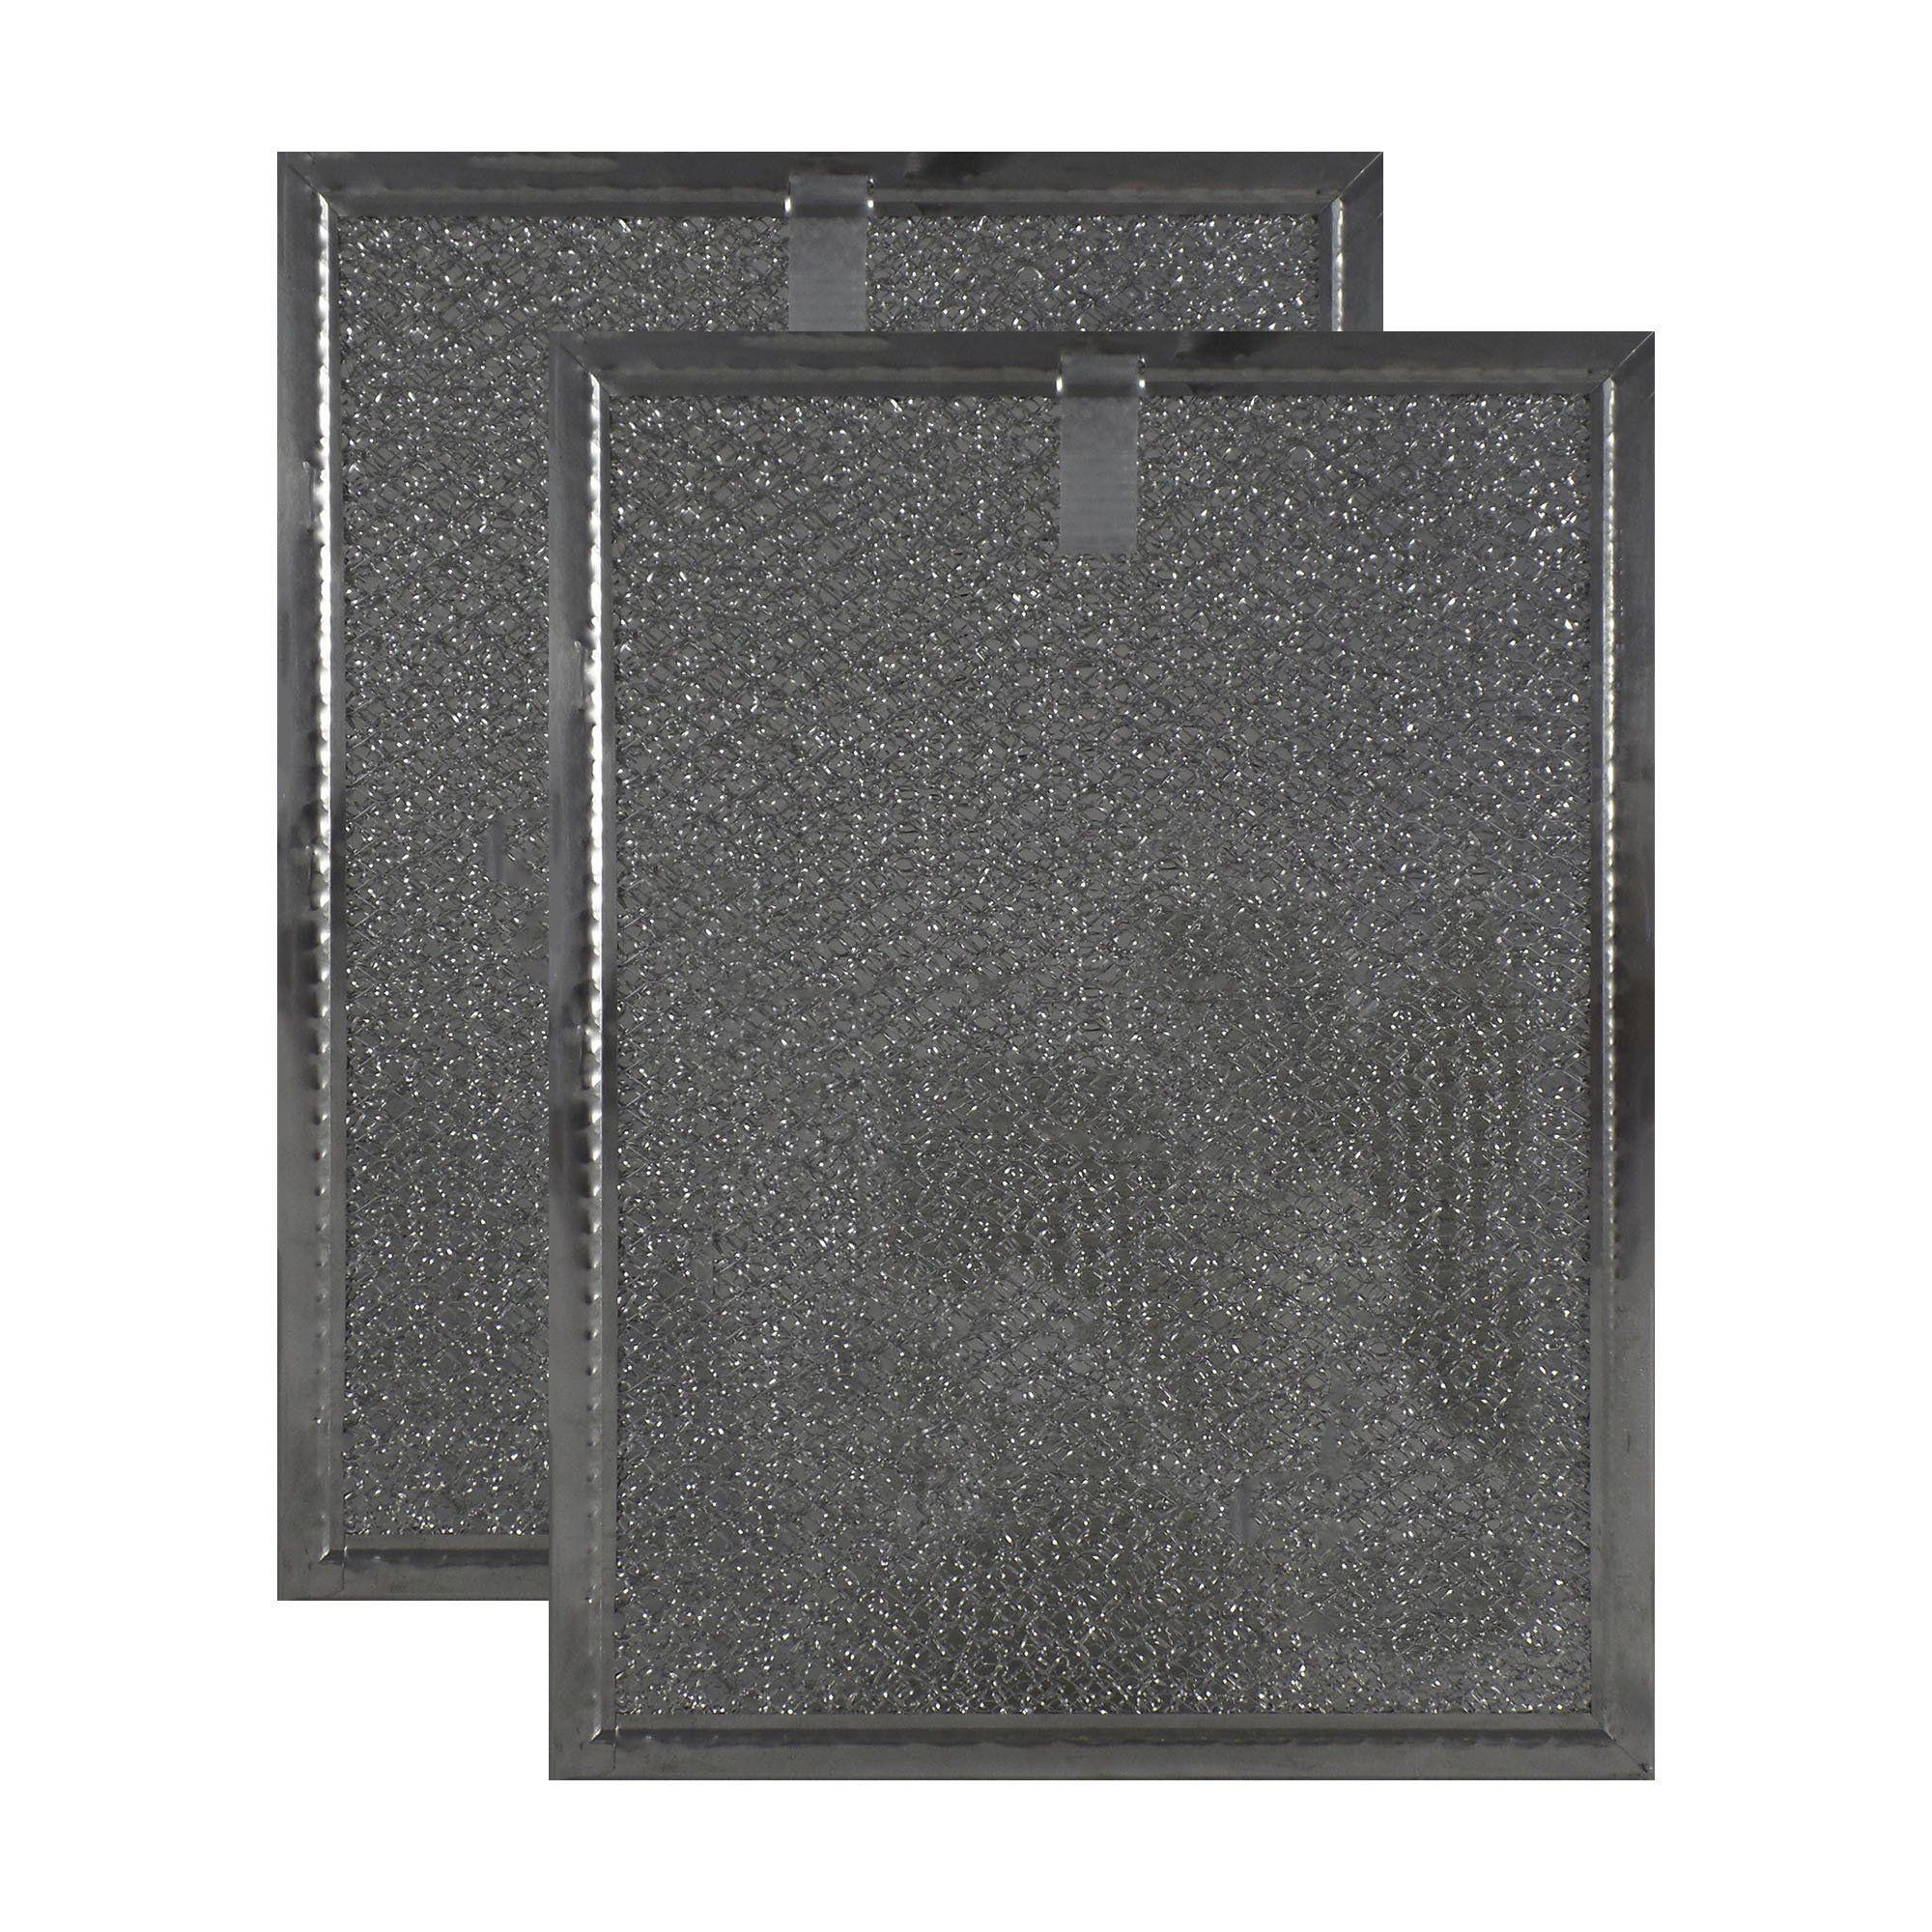 Airfilterfactoryreplacementwb2x4263ap201111424885